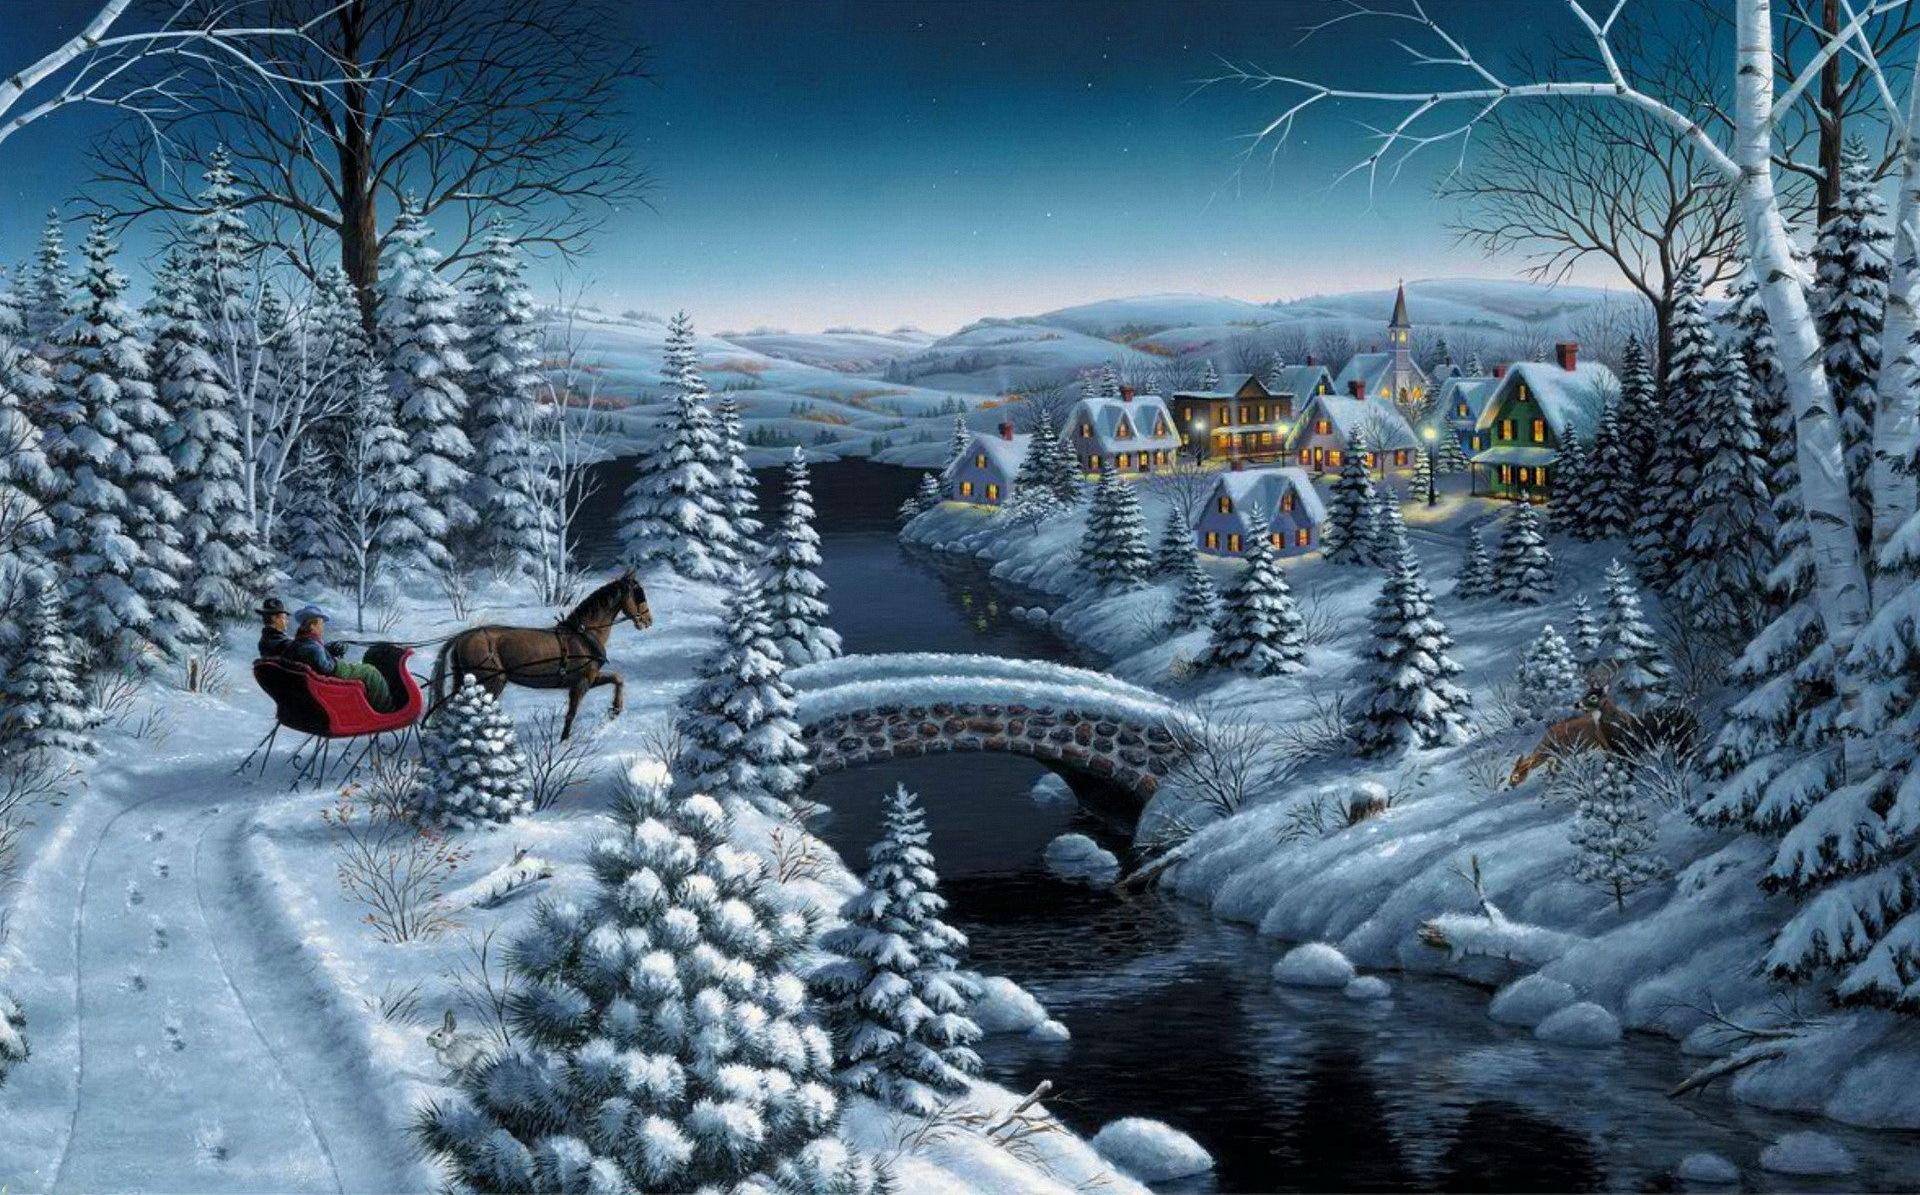 красивые картинки про новый год и зиму преданию, первые рождественские